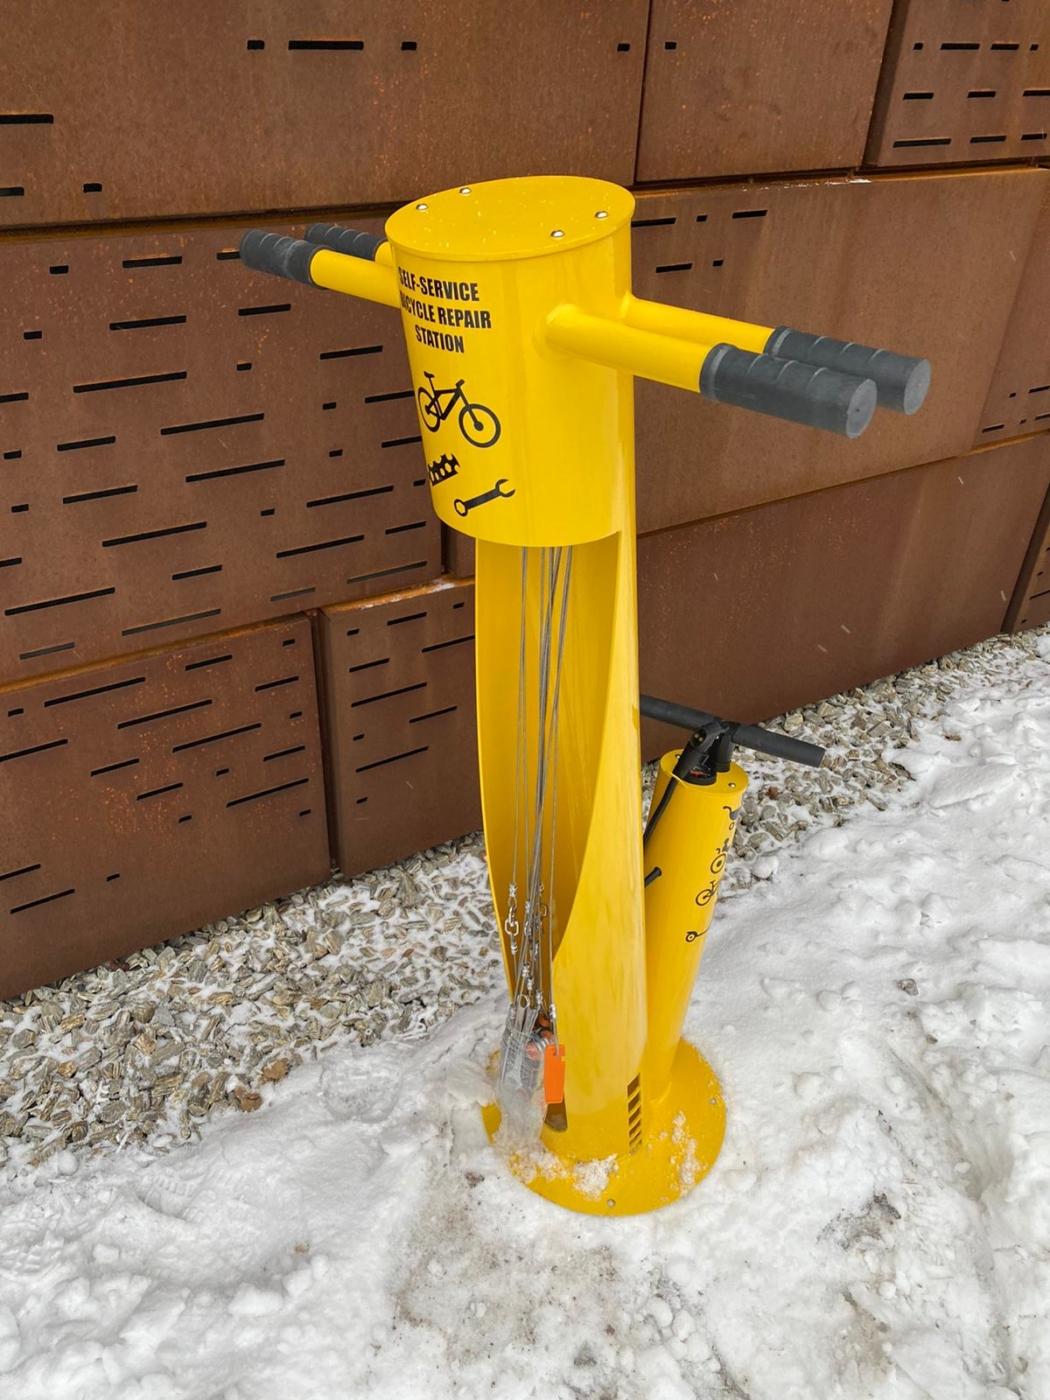 Stacja naprawy rowerów żółta